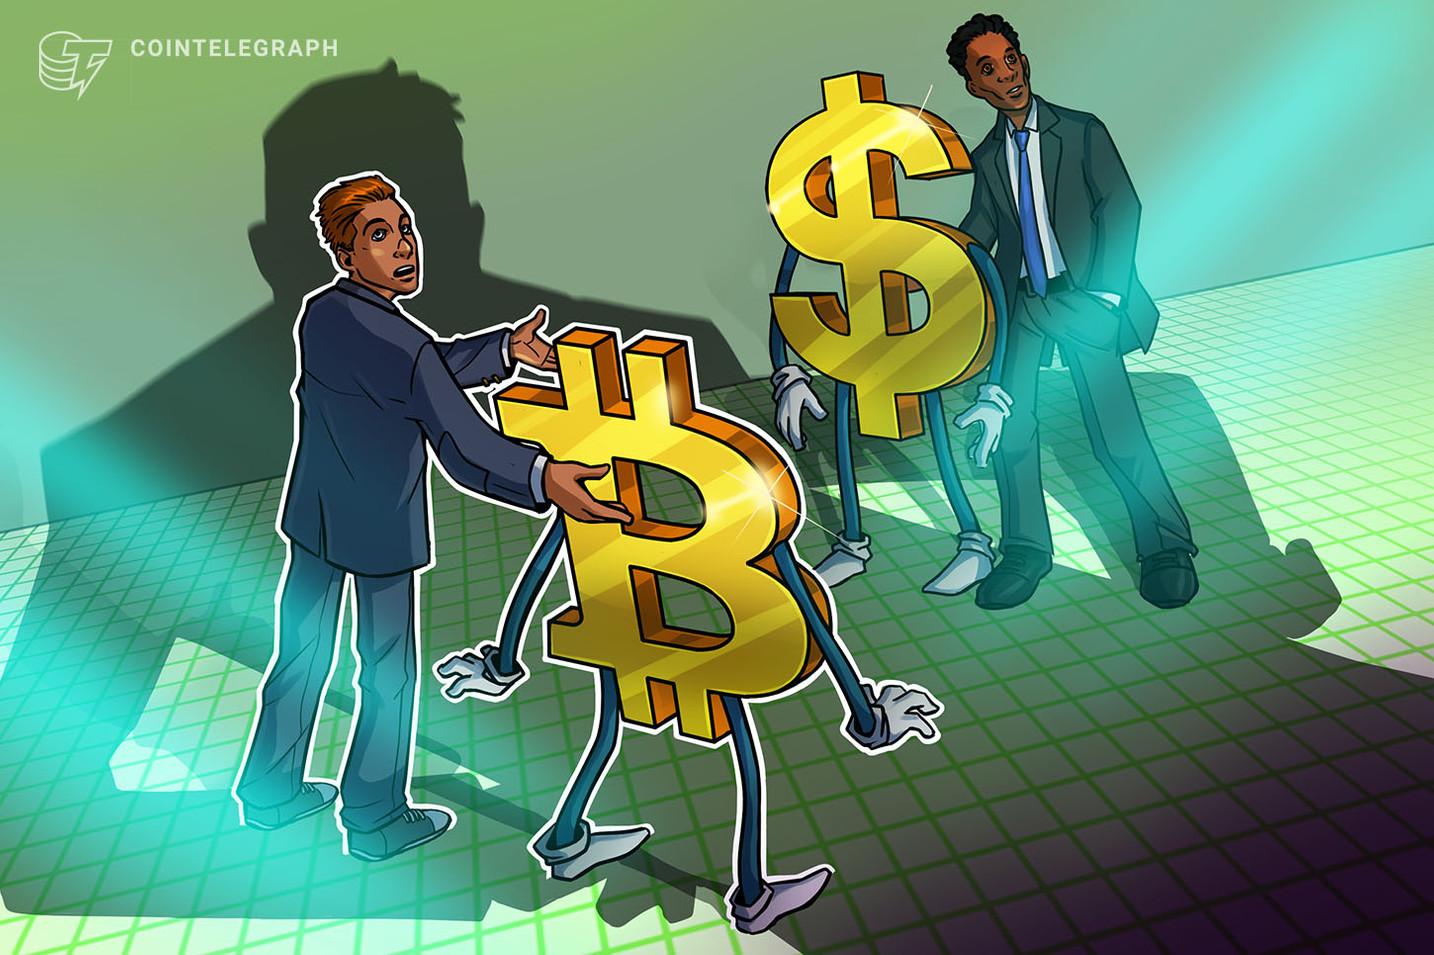 仮想通貨ビットコイン需要高まるか?アルゼンチンが資本規制、米ドルで制限